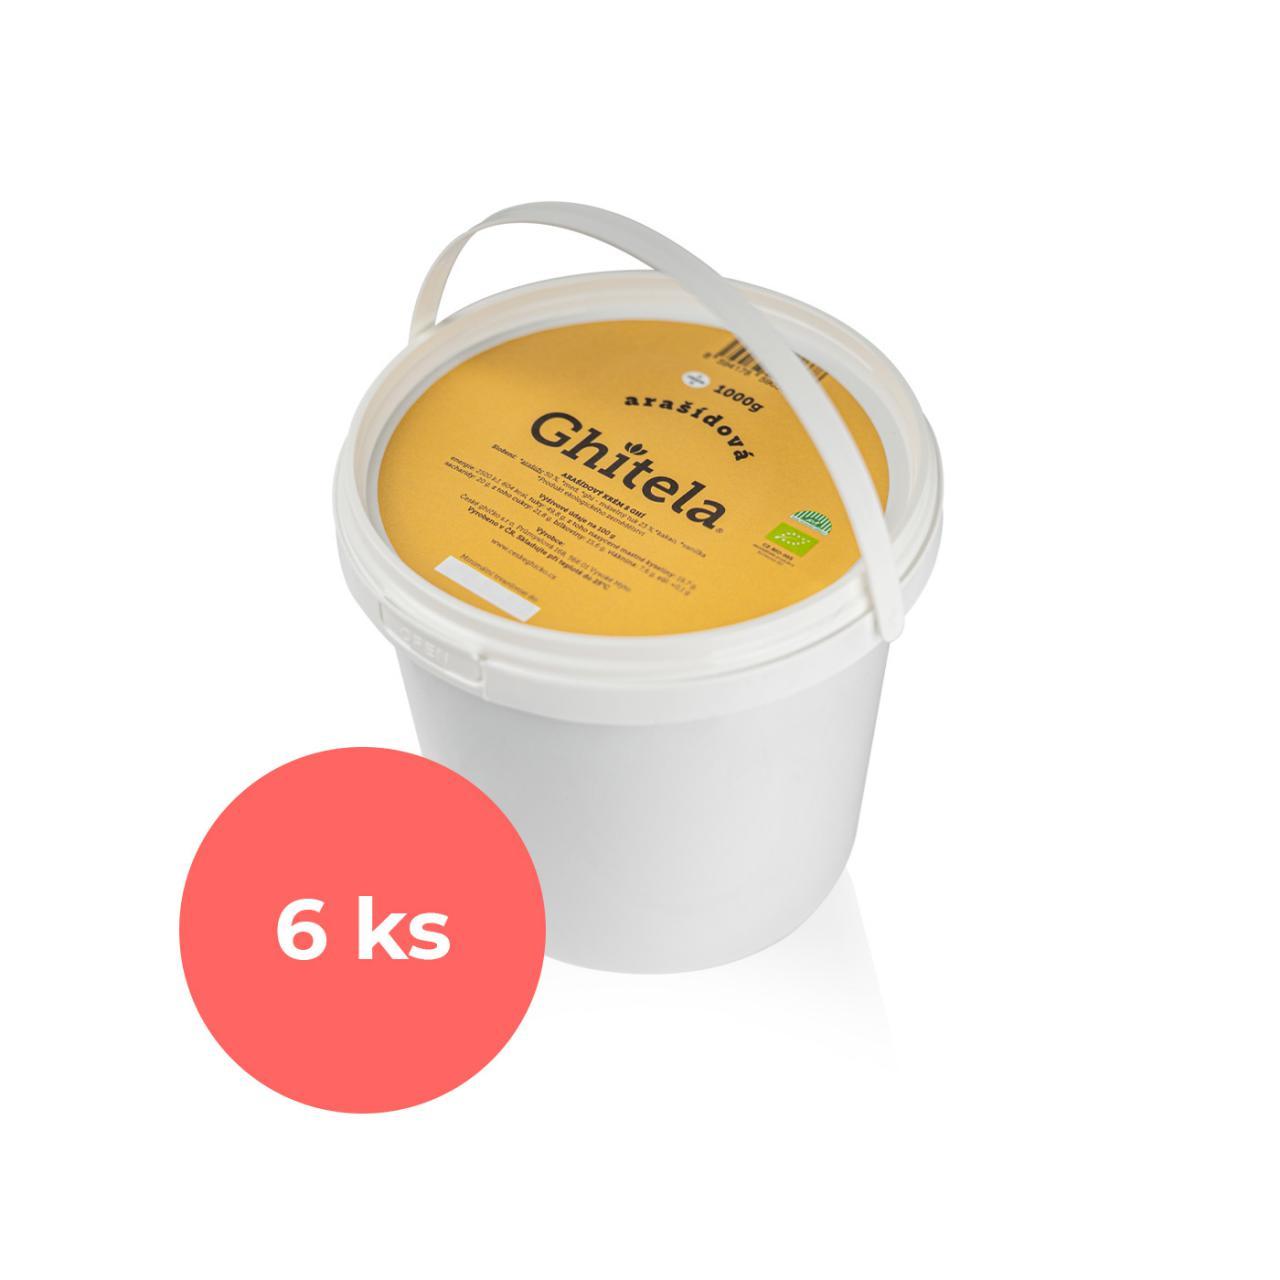 Ghitela® 1000g arašídová - karton 6ks